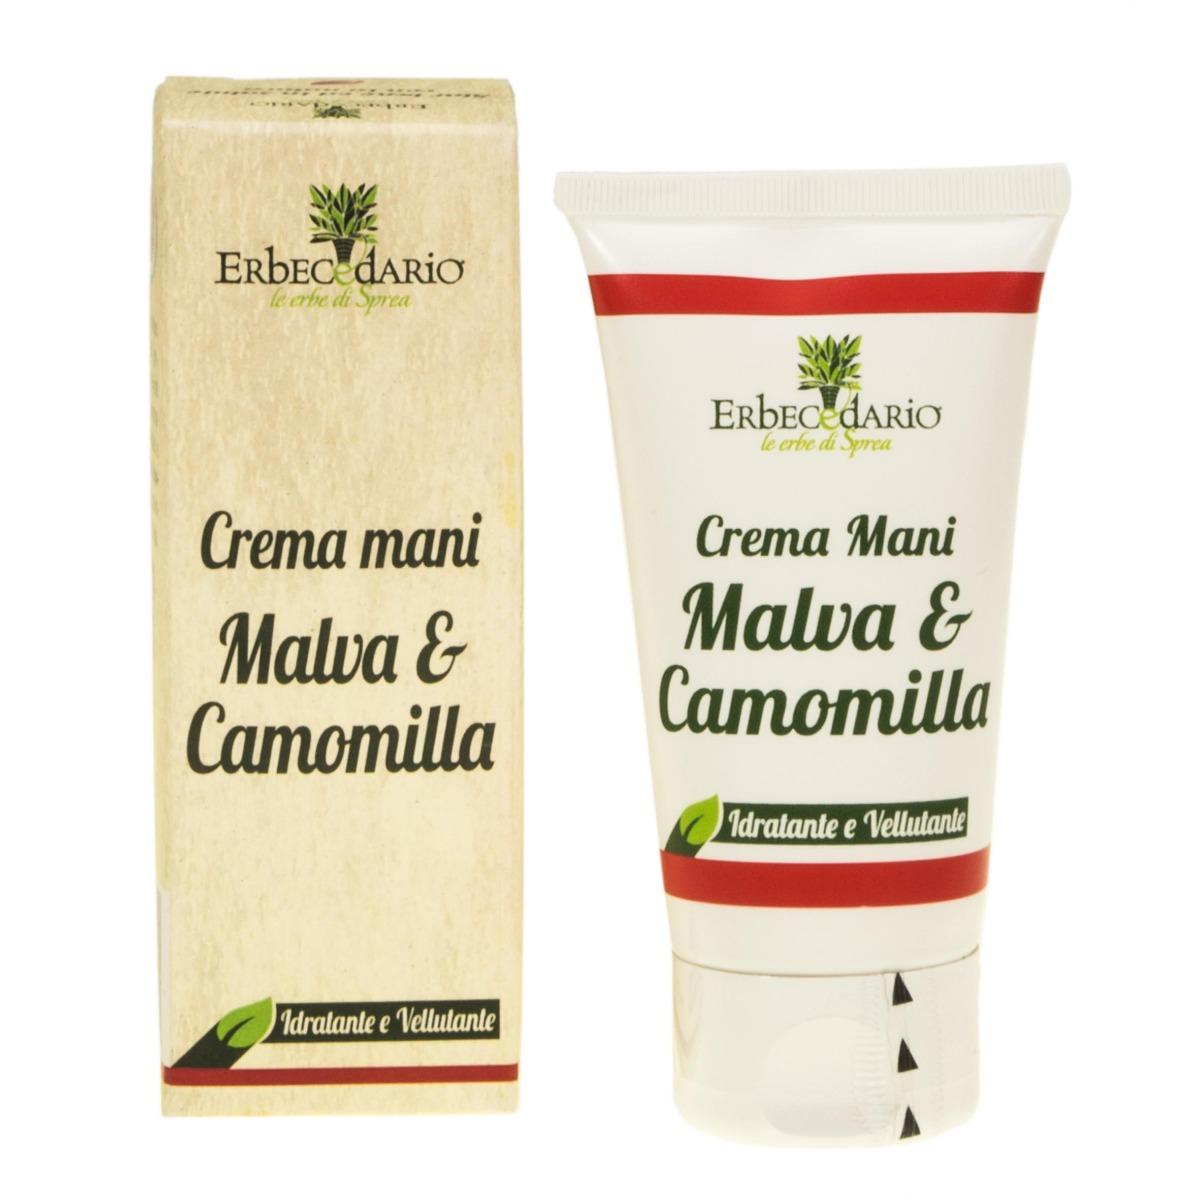 Crema Mani Malva & Camomilla